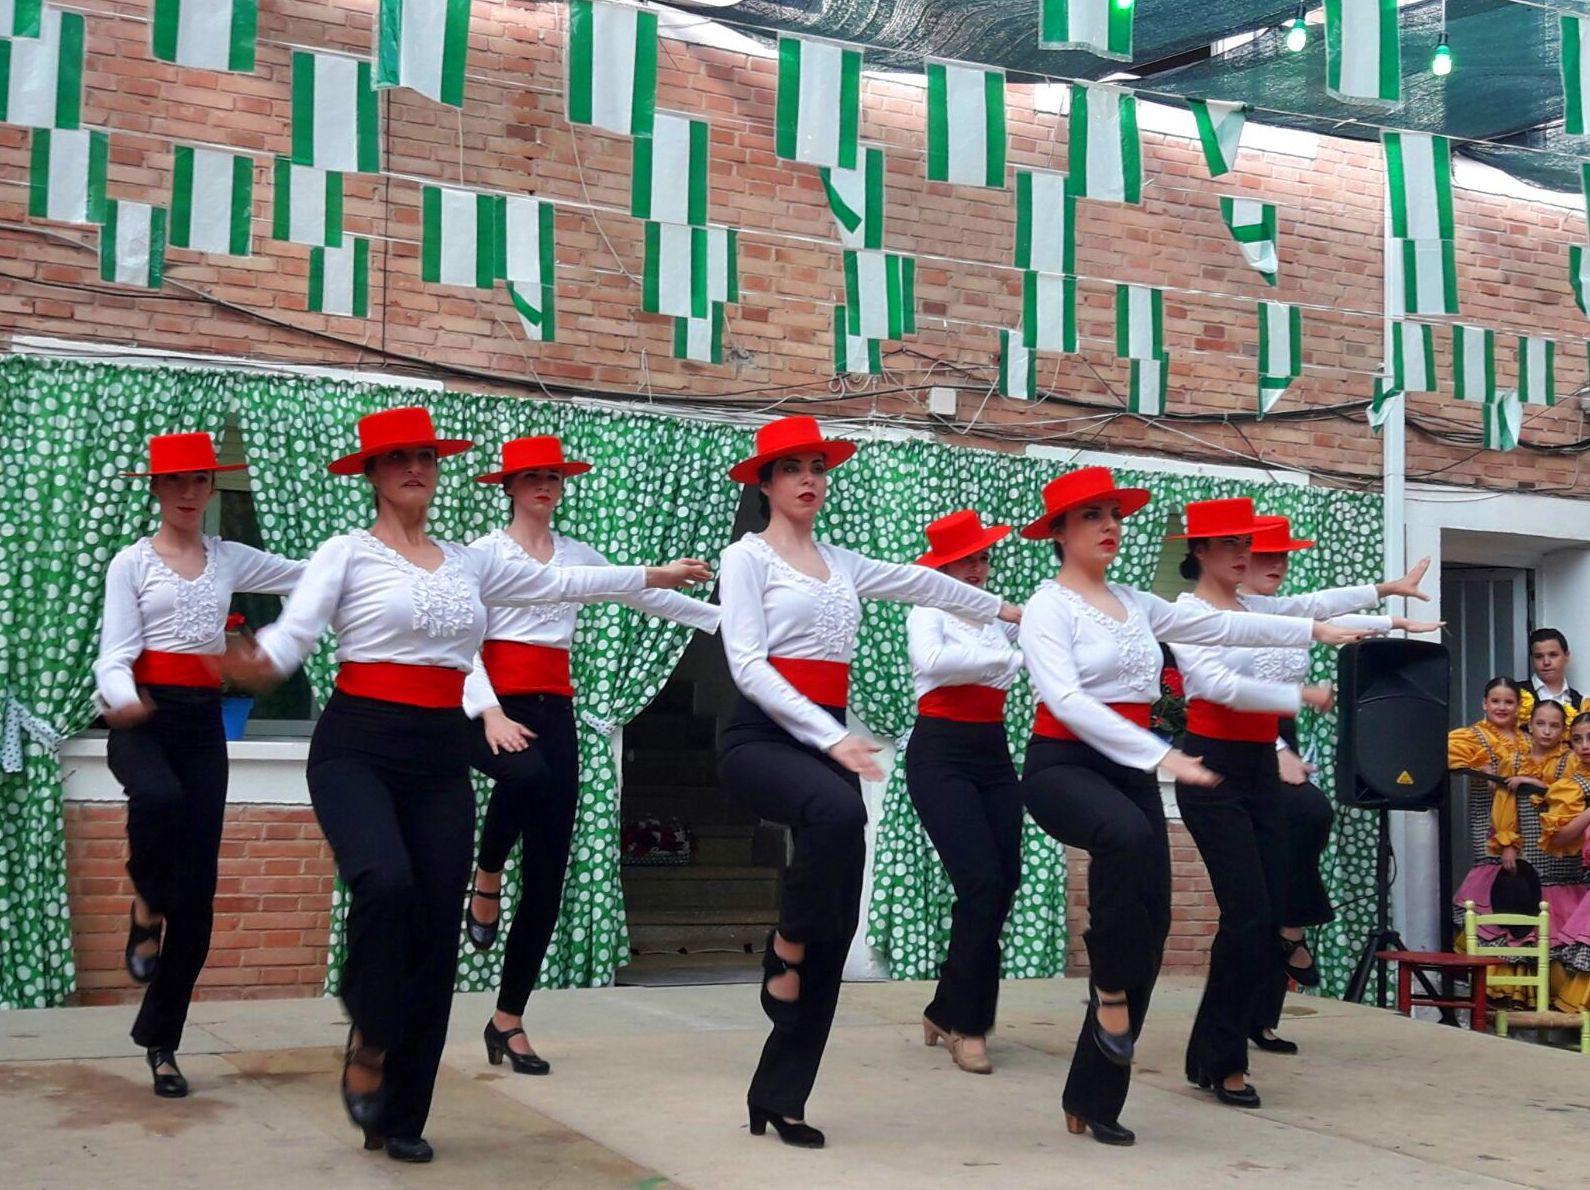 Foto 17 de Escuelas de música, danza e interpretación en Alcalá de Henares | Escuela de Danza Pepe Vento